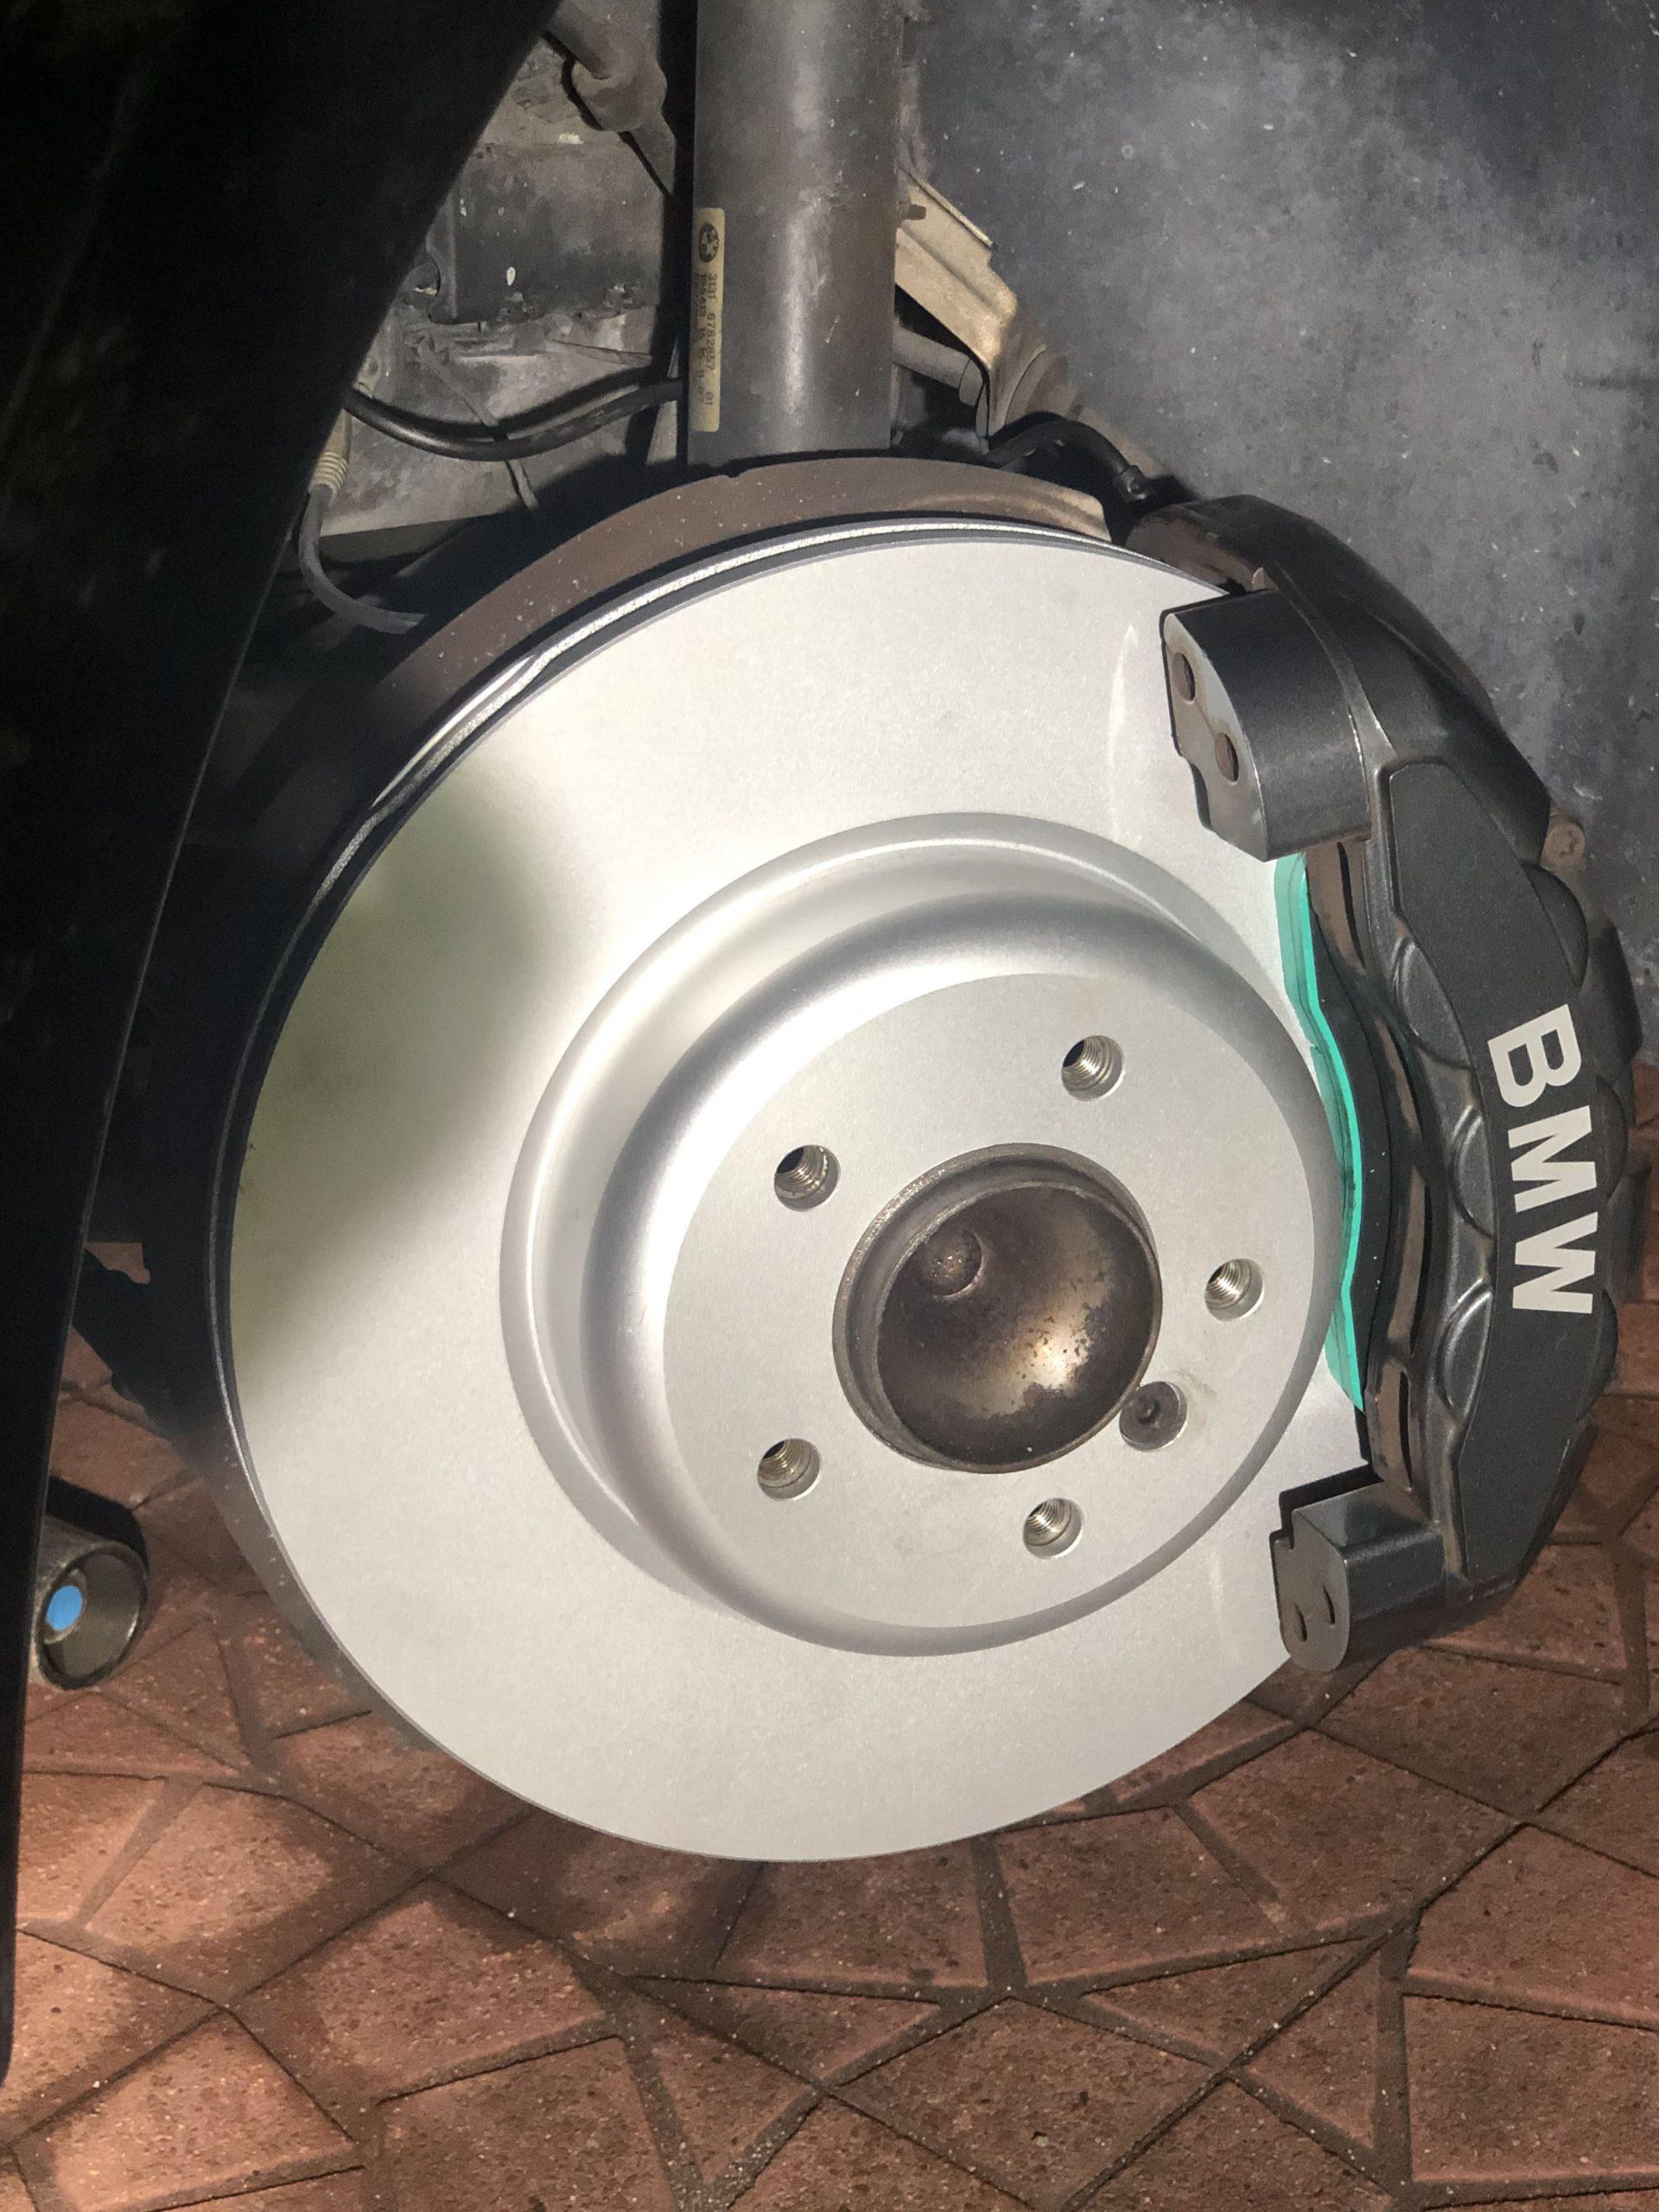 【BMWの修理】BMW 1シリーズ E82 135iのブレーキパッドおよびディスクの交換修理